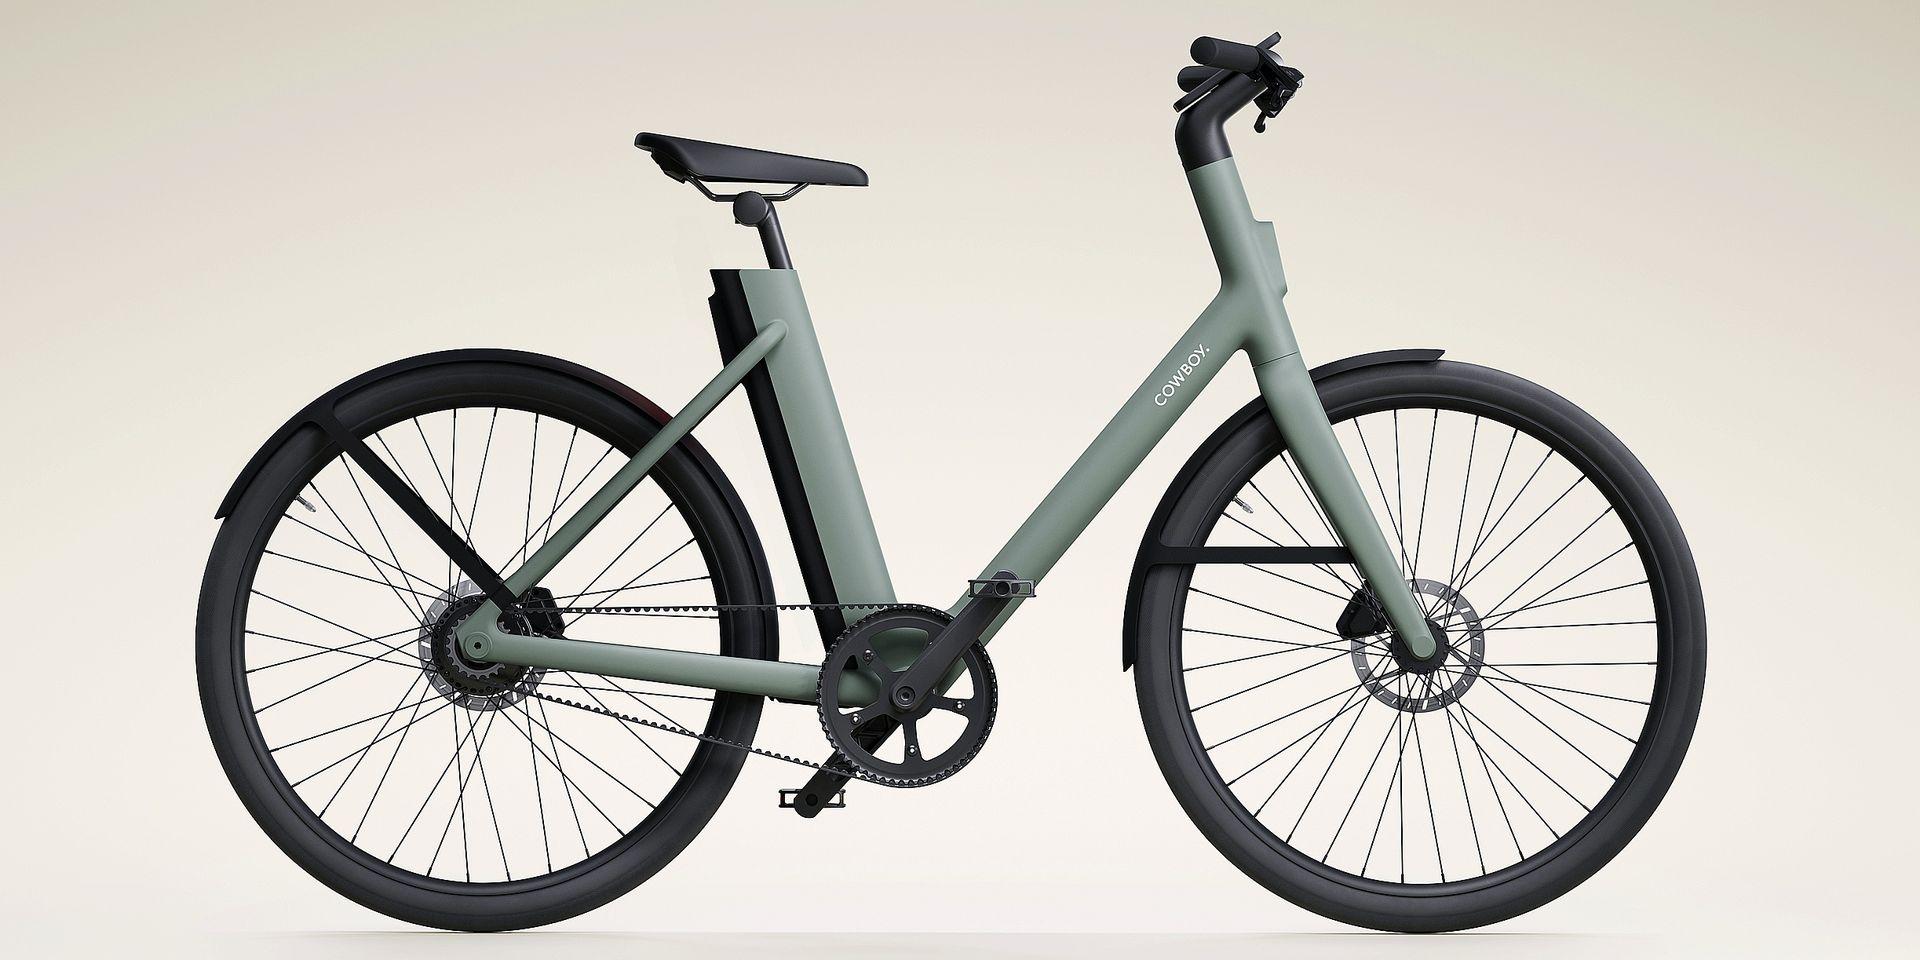 """Désormais, le vélo électrique belge Cowboy sera aussi disponible avec un """"cadre bas"""". Une nouveauté qui devrait plaire autant aux hommes qu'aux femmes."""